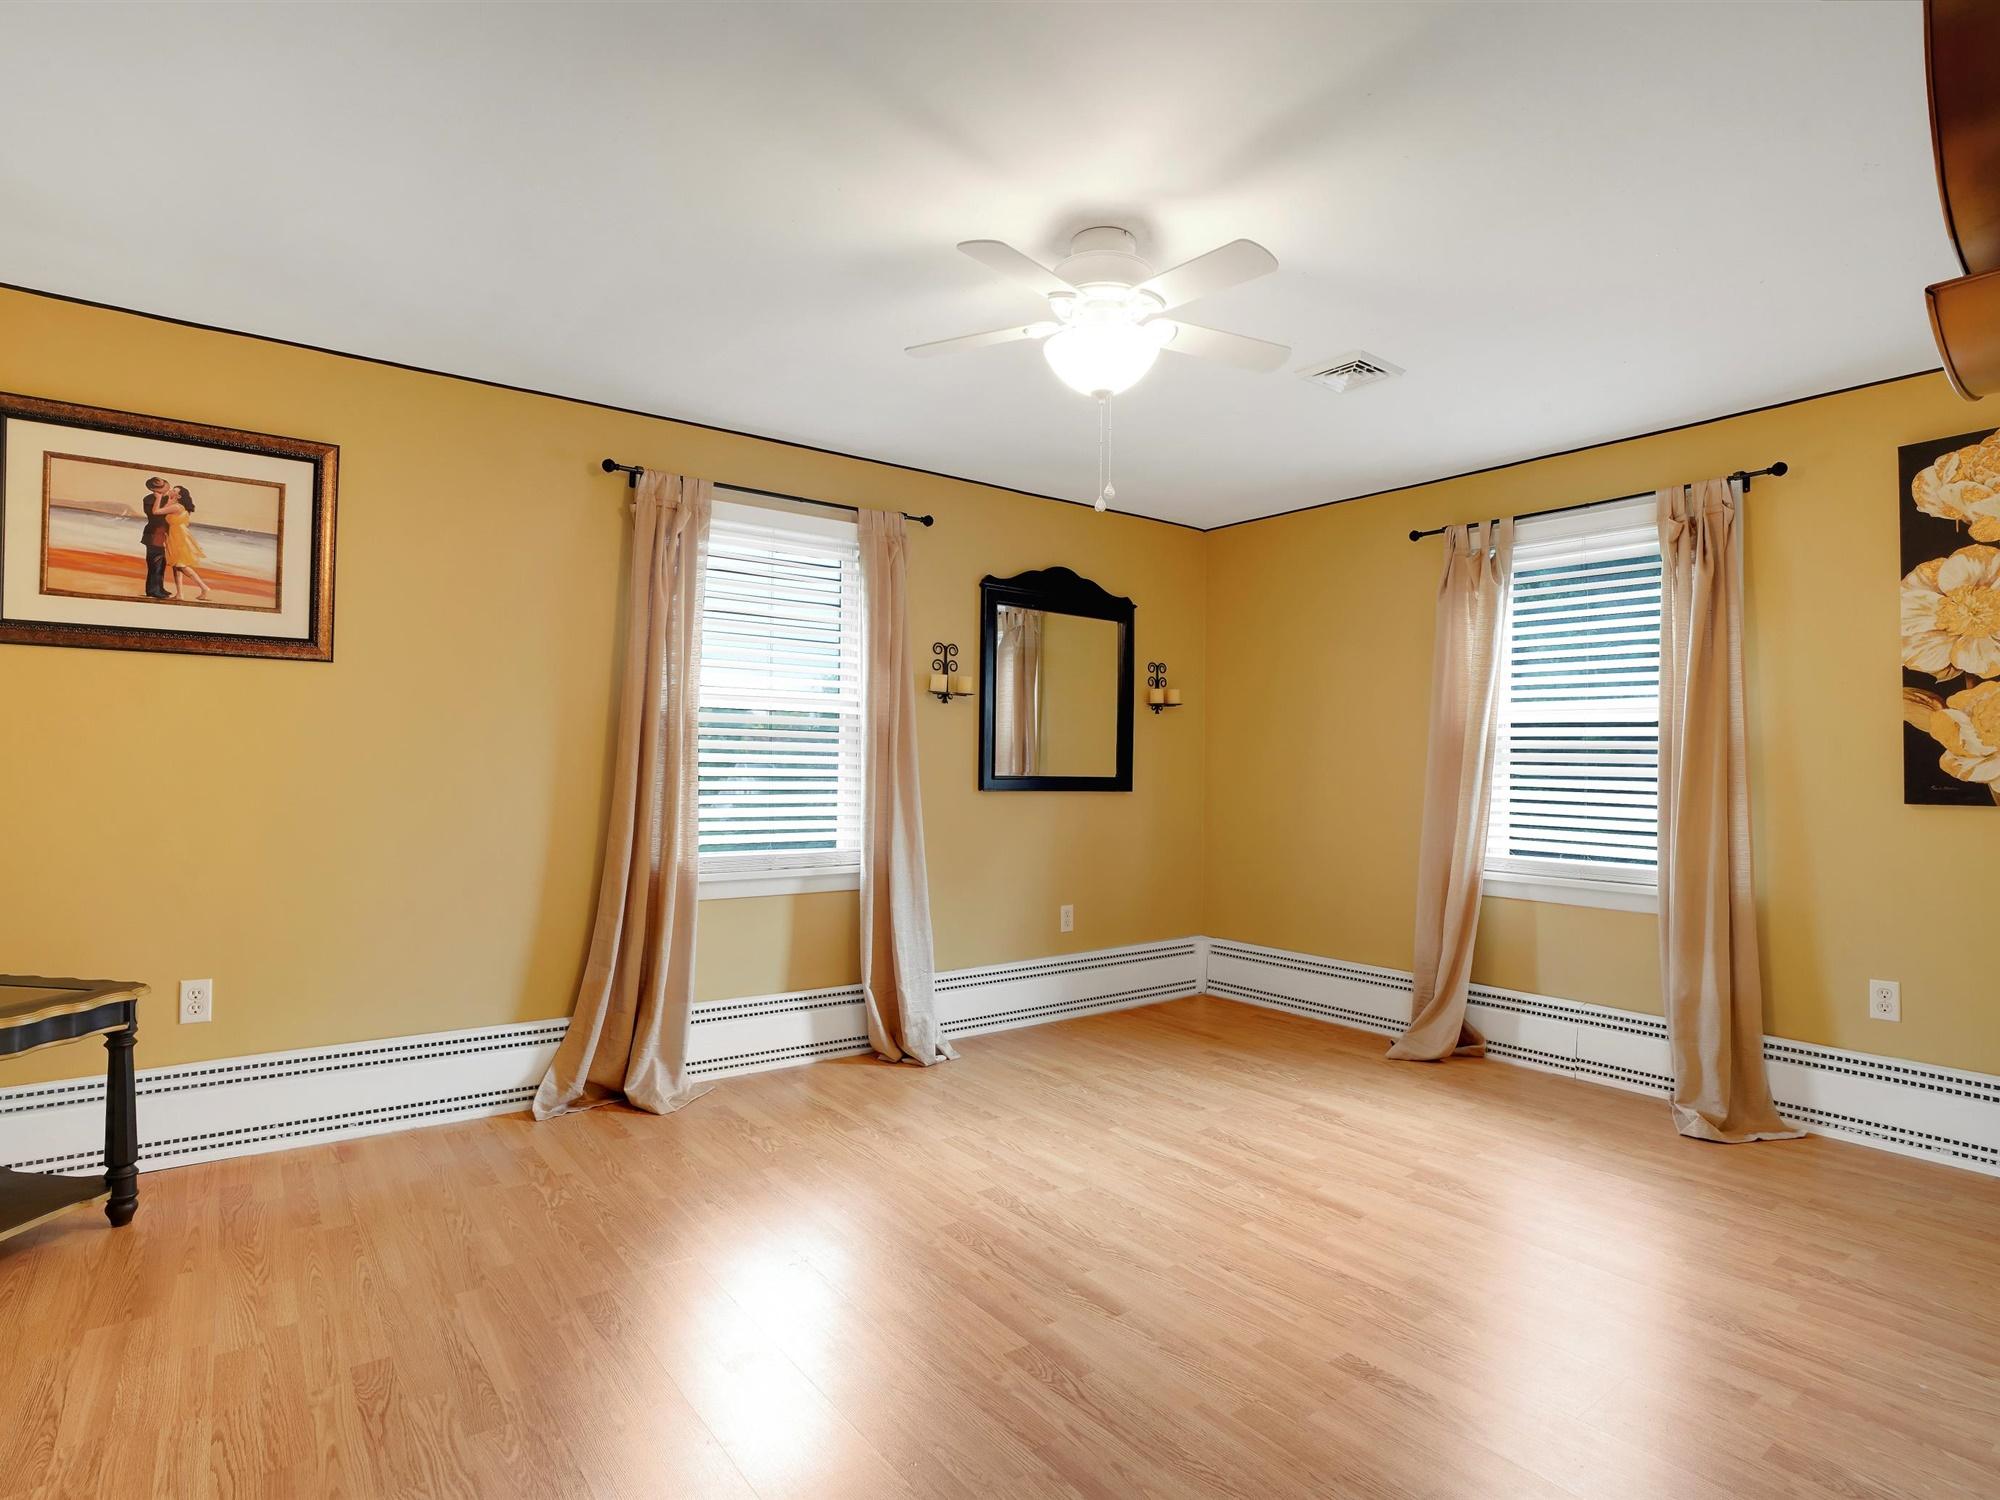 2022 Kline ST - 2nd bedroom